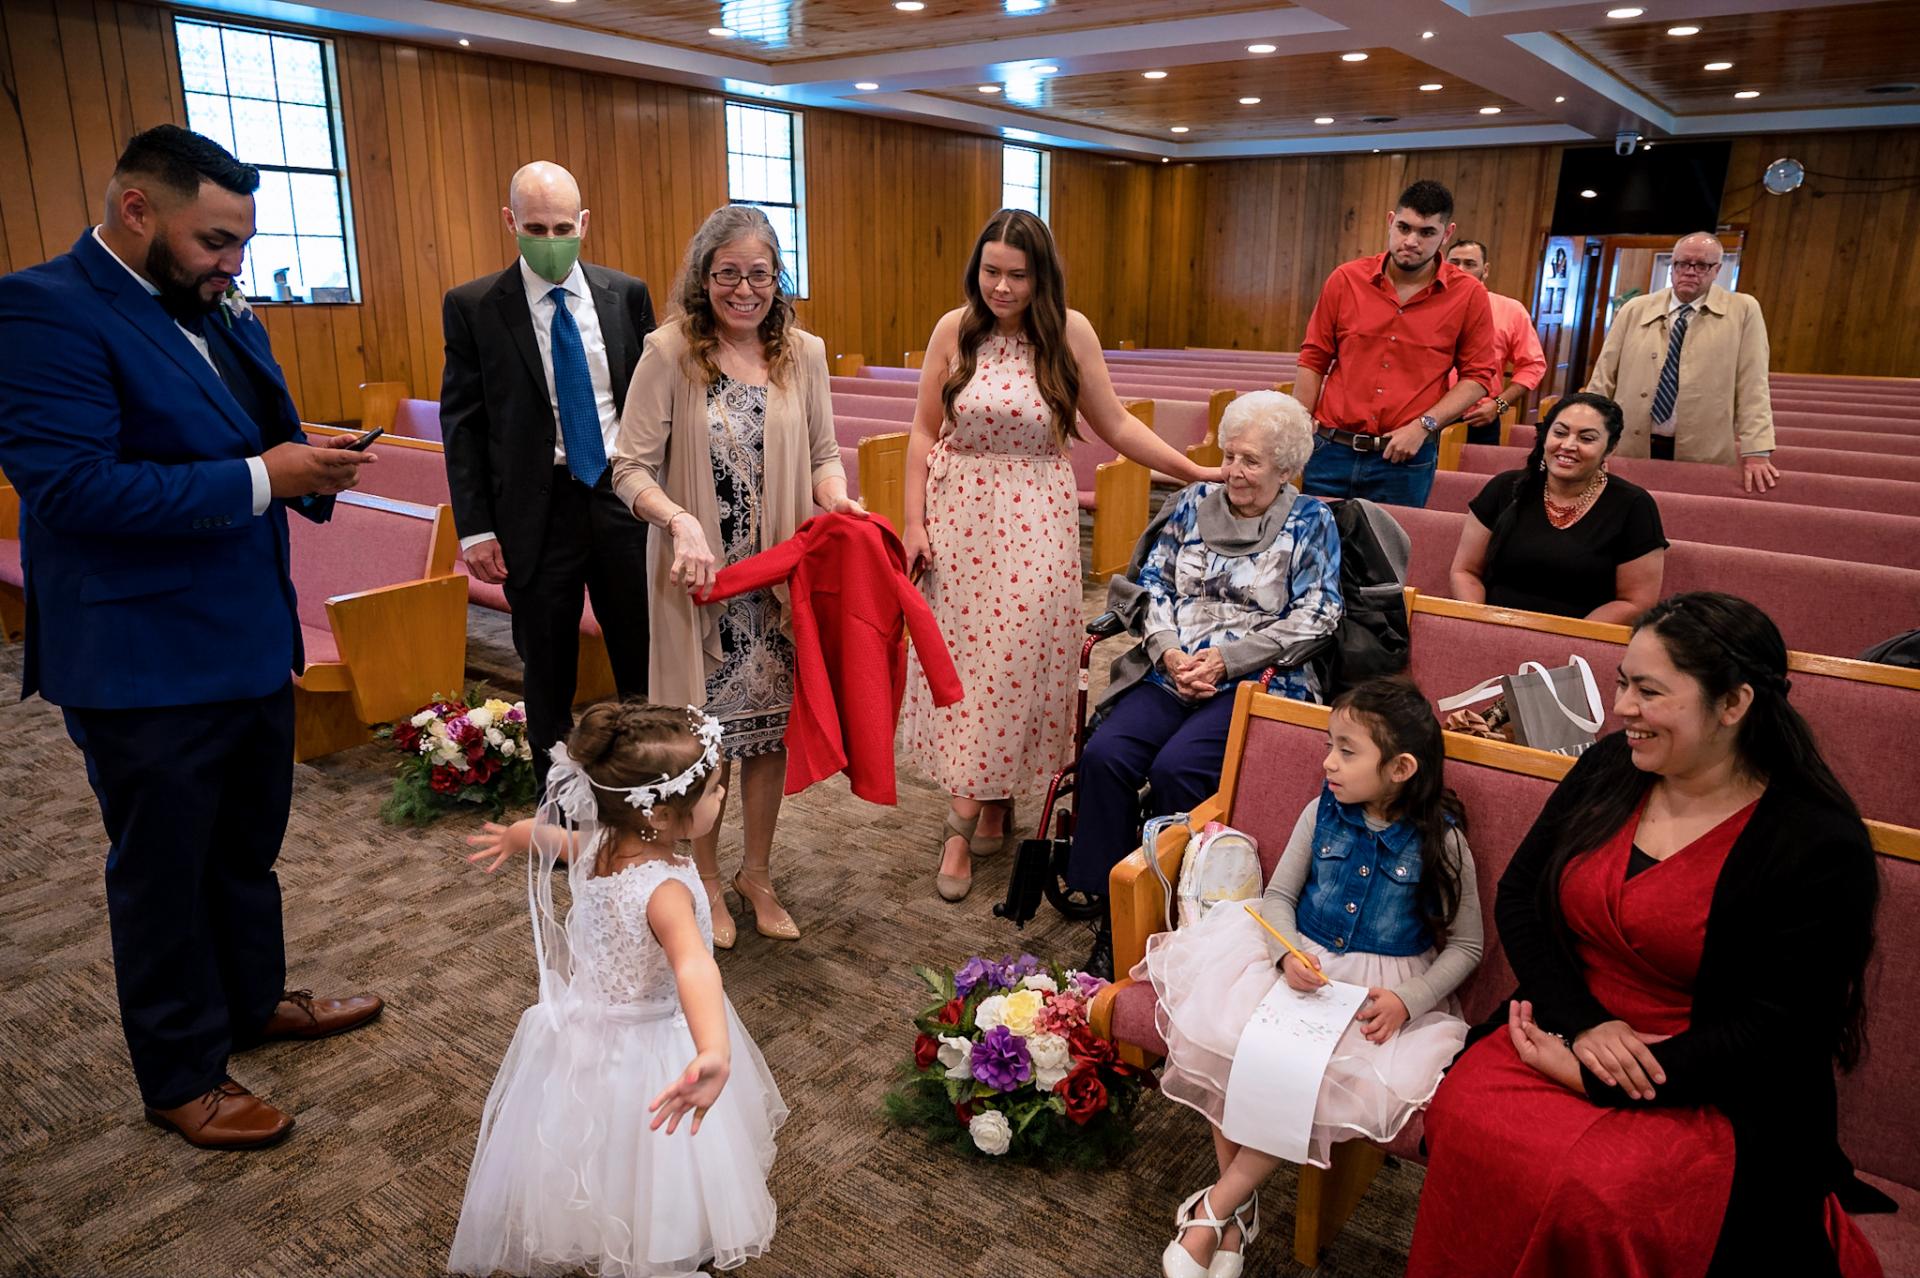 Mariage intime à l'église - Smoky Mountain Photography | en attendant l'arrivée de la mariée à l'intérieur de l'église